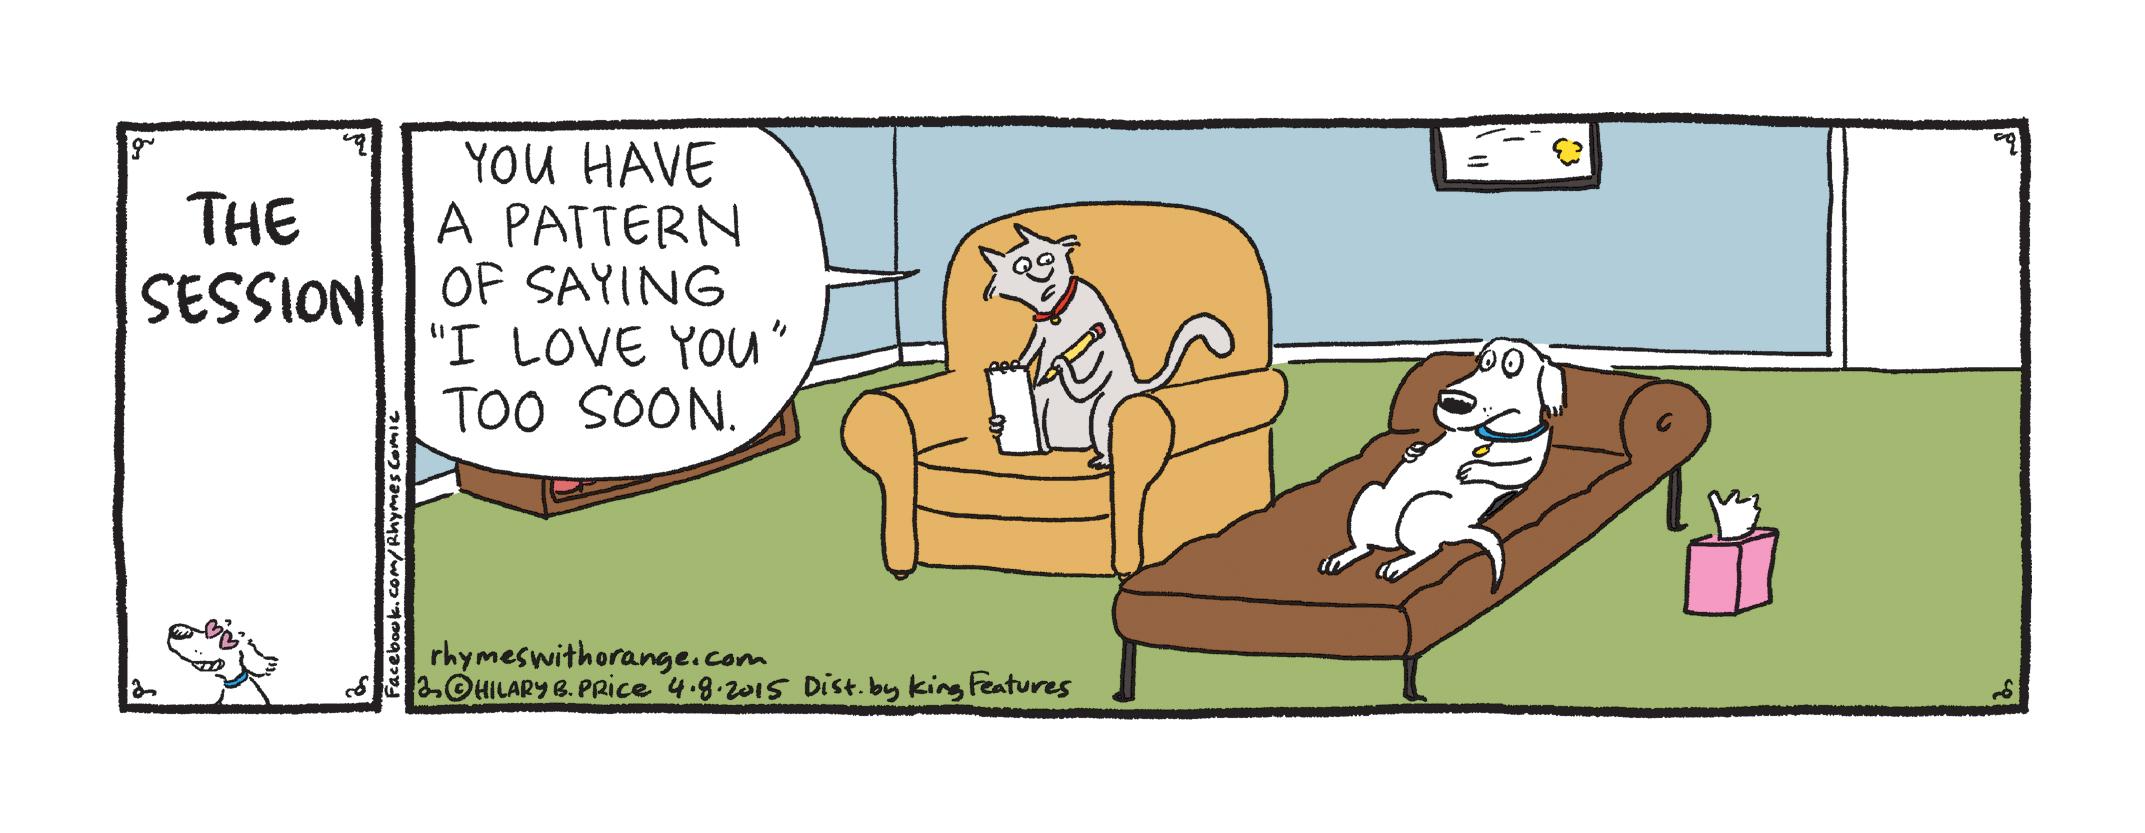 dog_love too soon.jpg